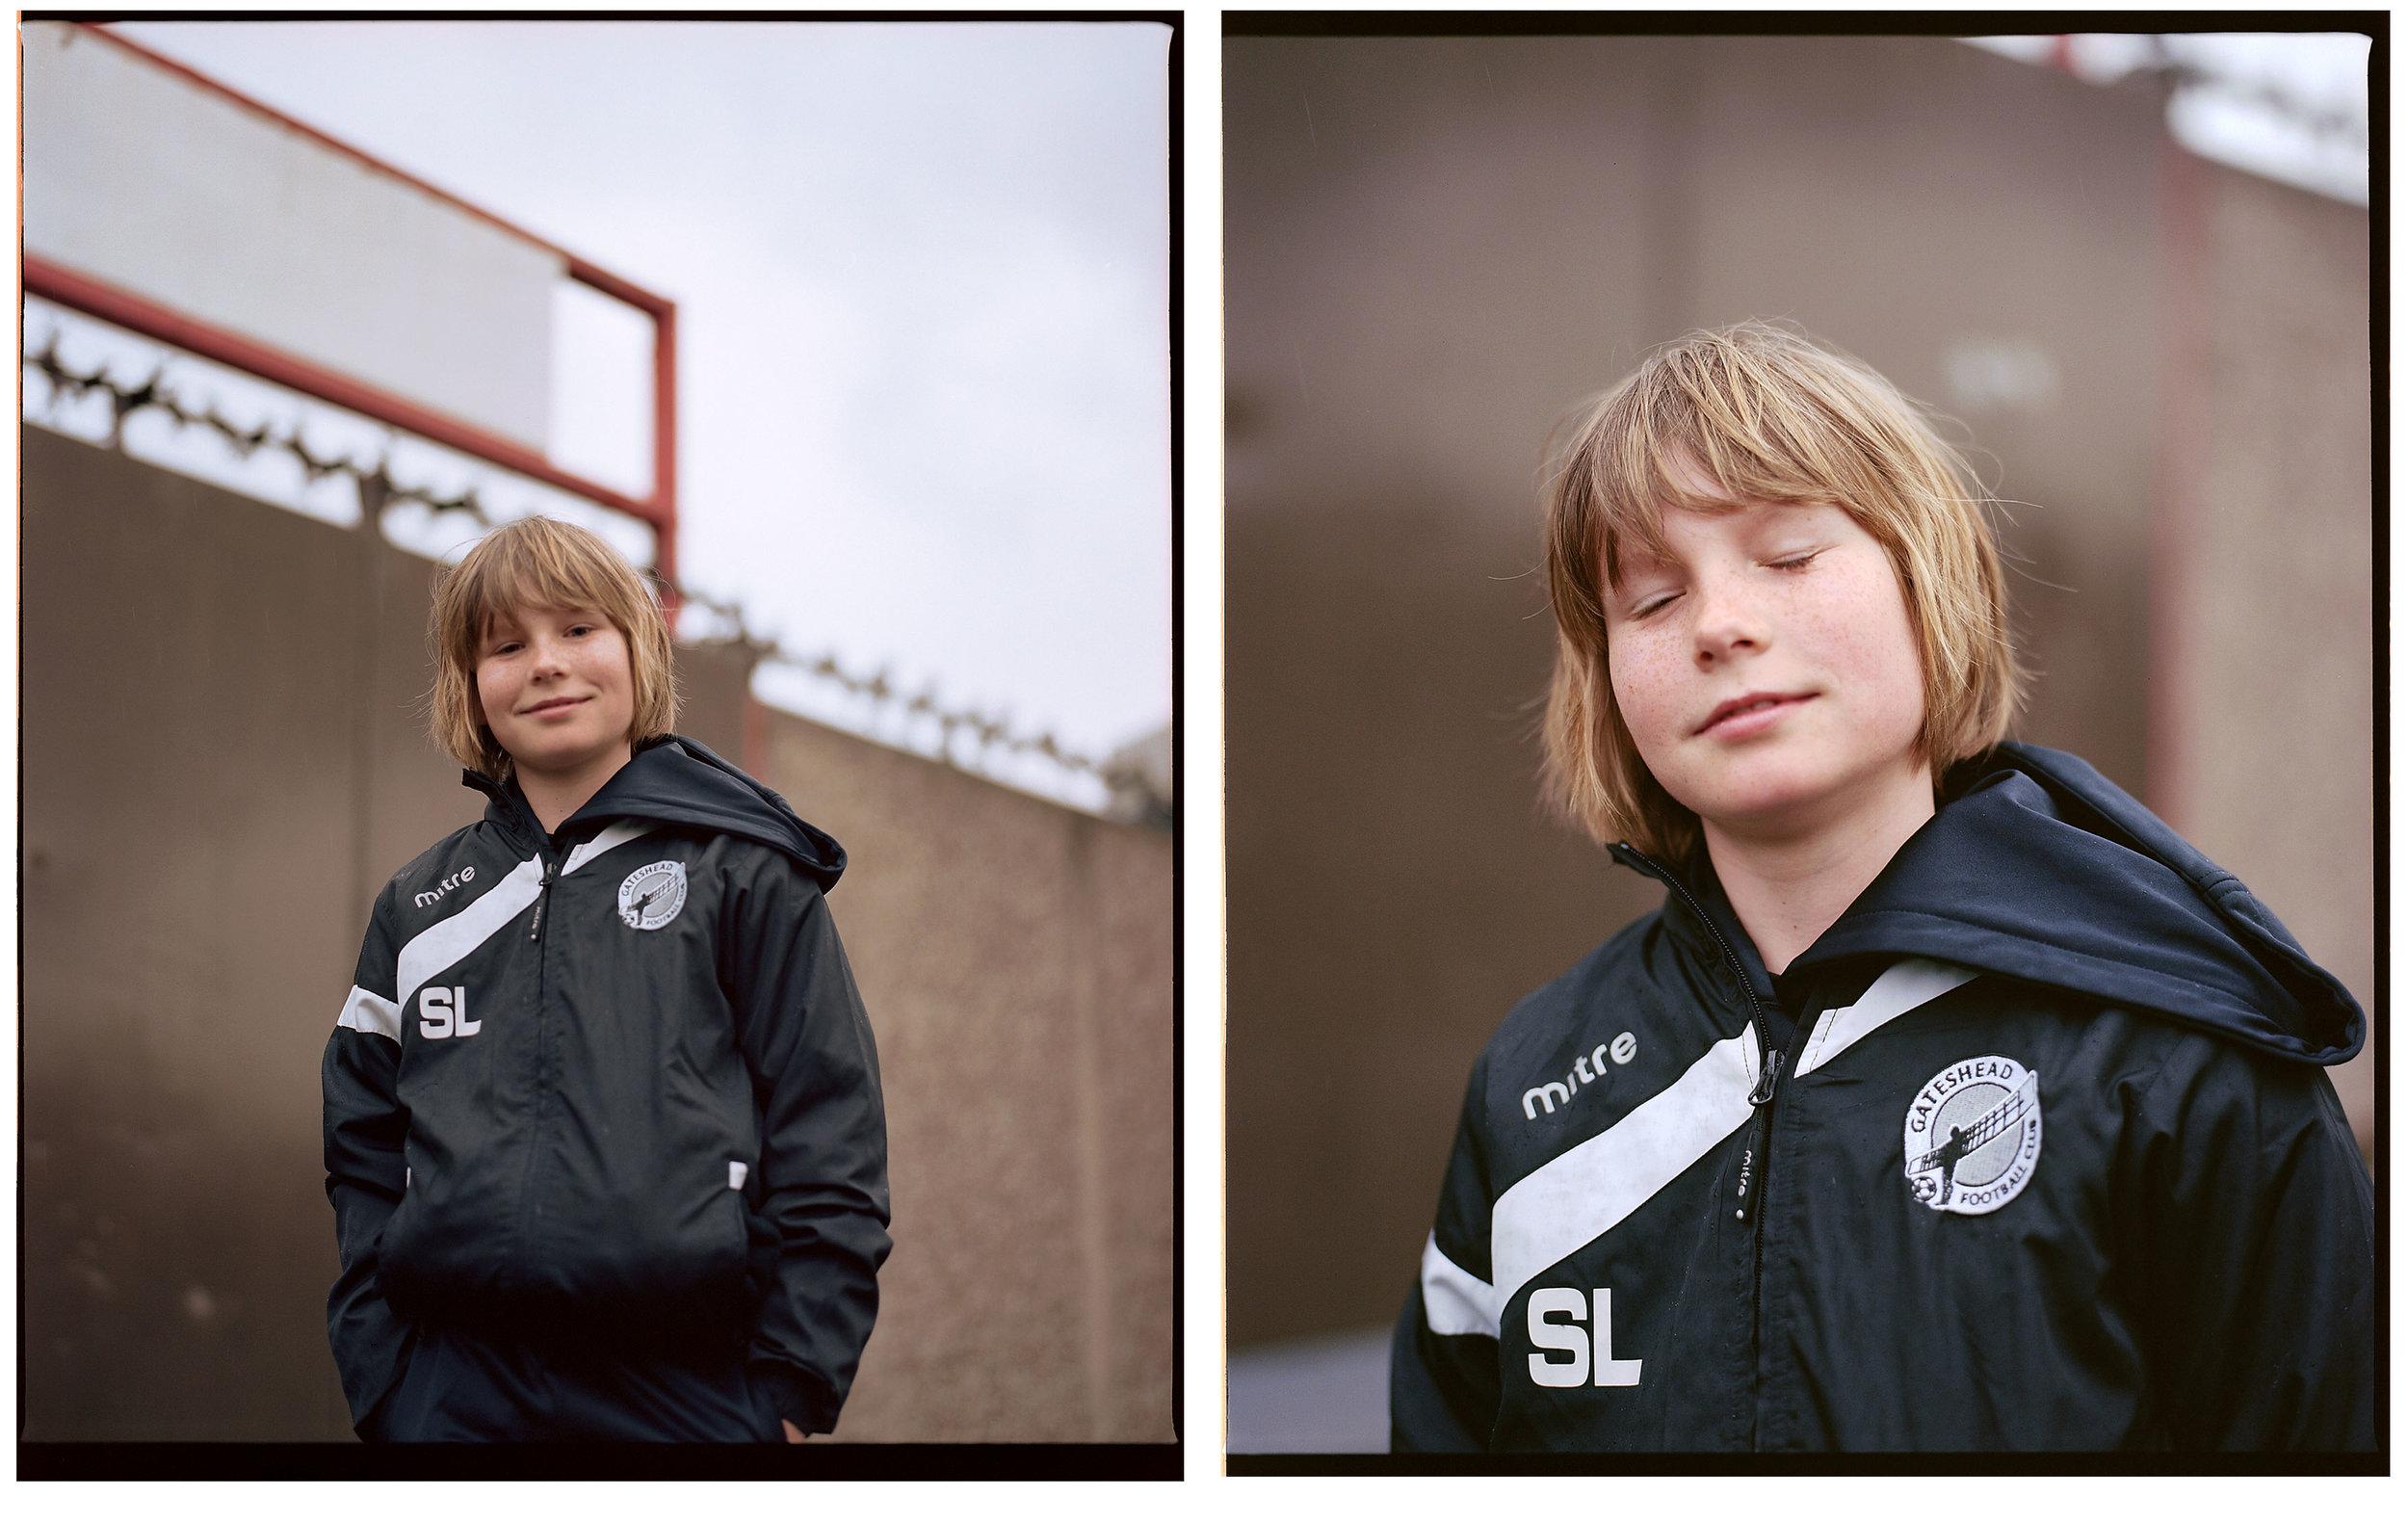 A young Gateshead fan